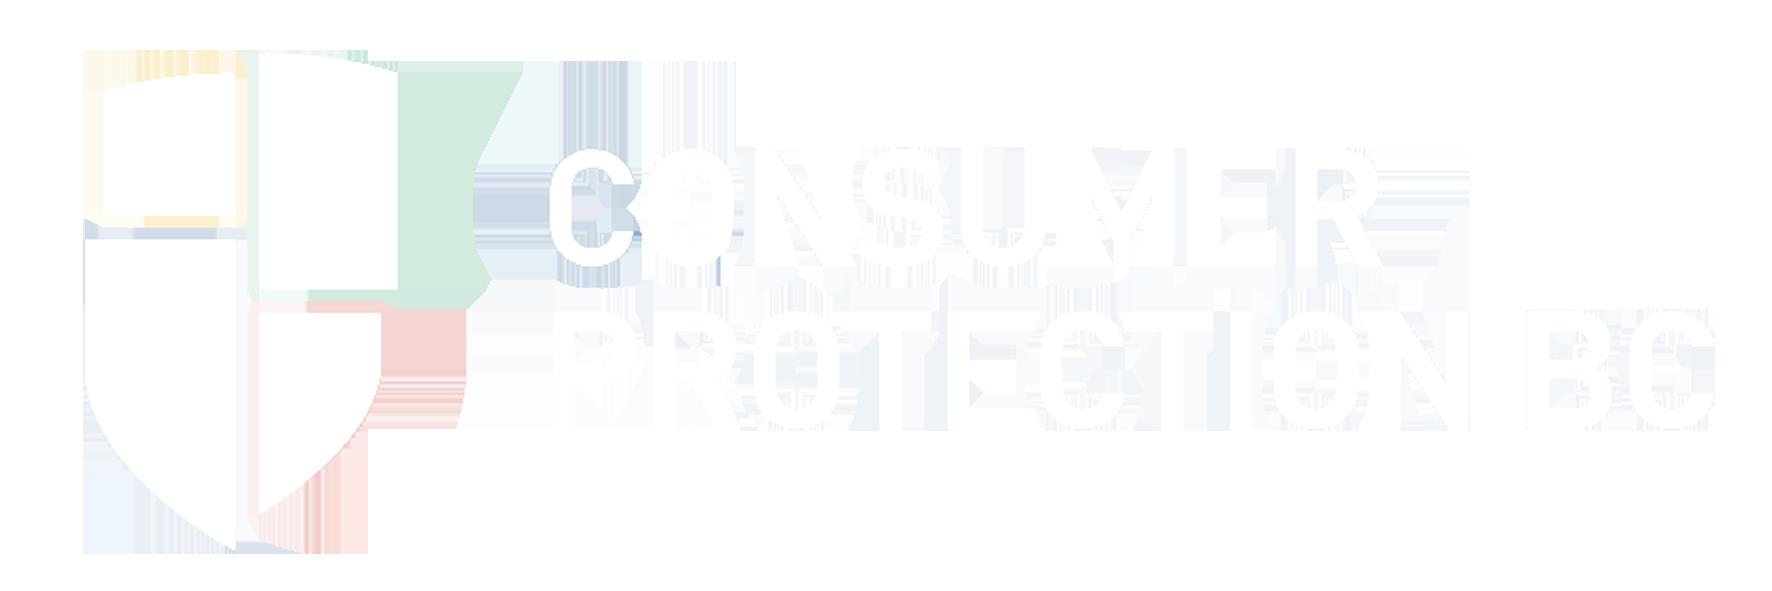 ConsumerProtectionBClogo_WHITEpng